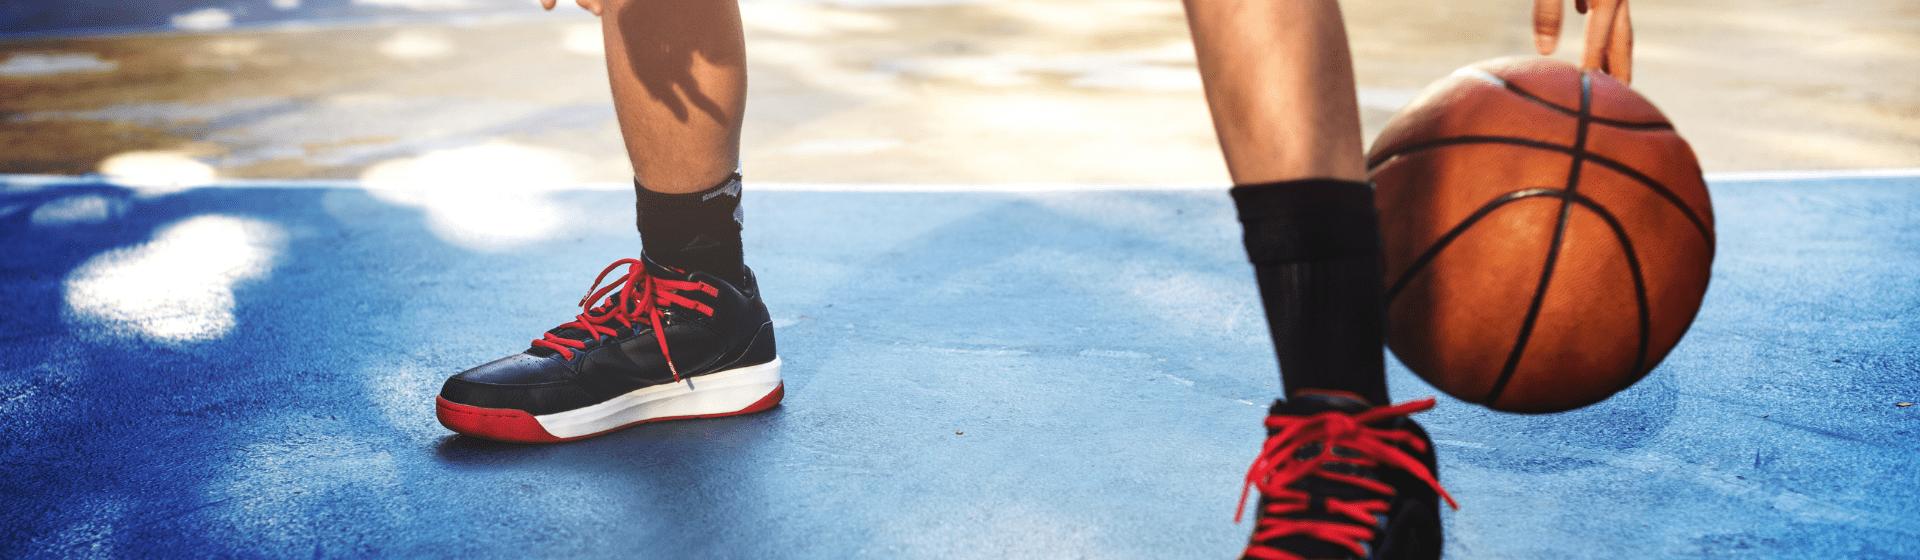 Melhores tênis de basquete de 2020: 5 modelos para comprar